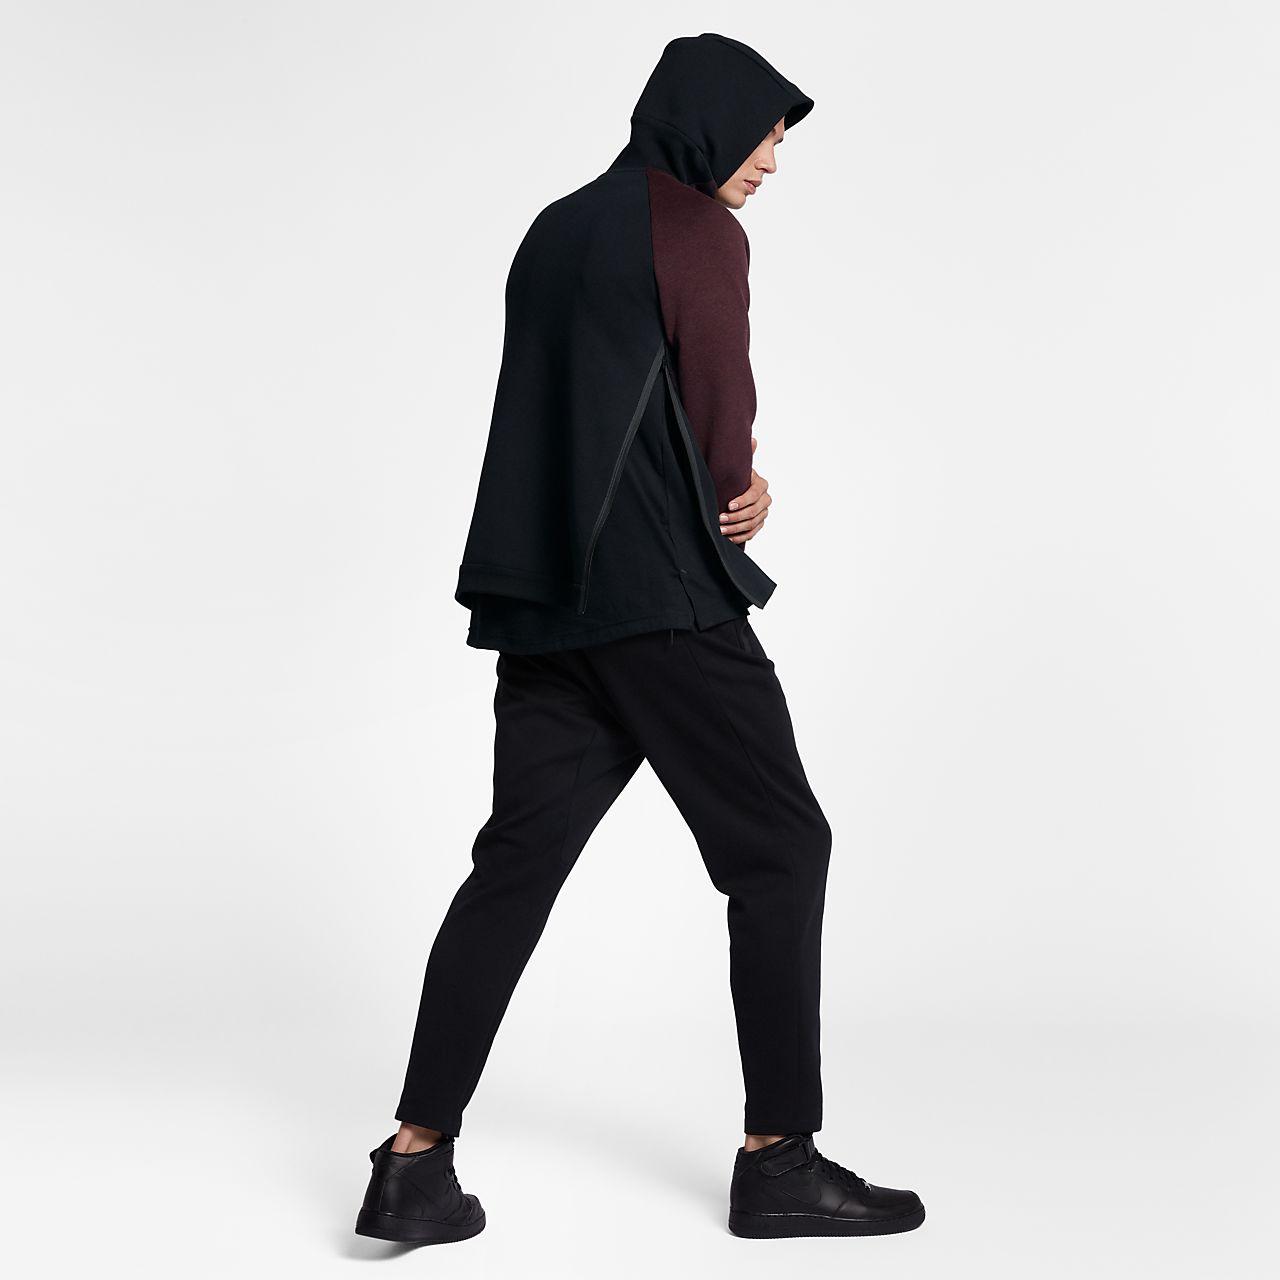 14556c9d8d06 Nike Sportswear Tech Fleece Men s Half-Zip Hoodie. Nike.com AU